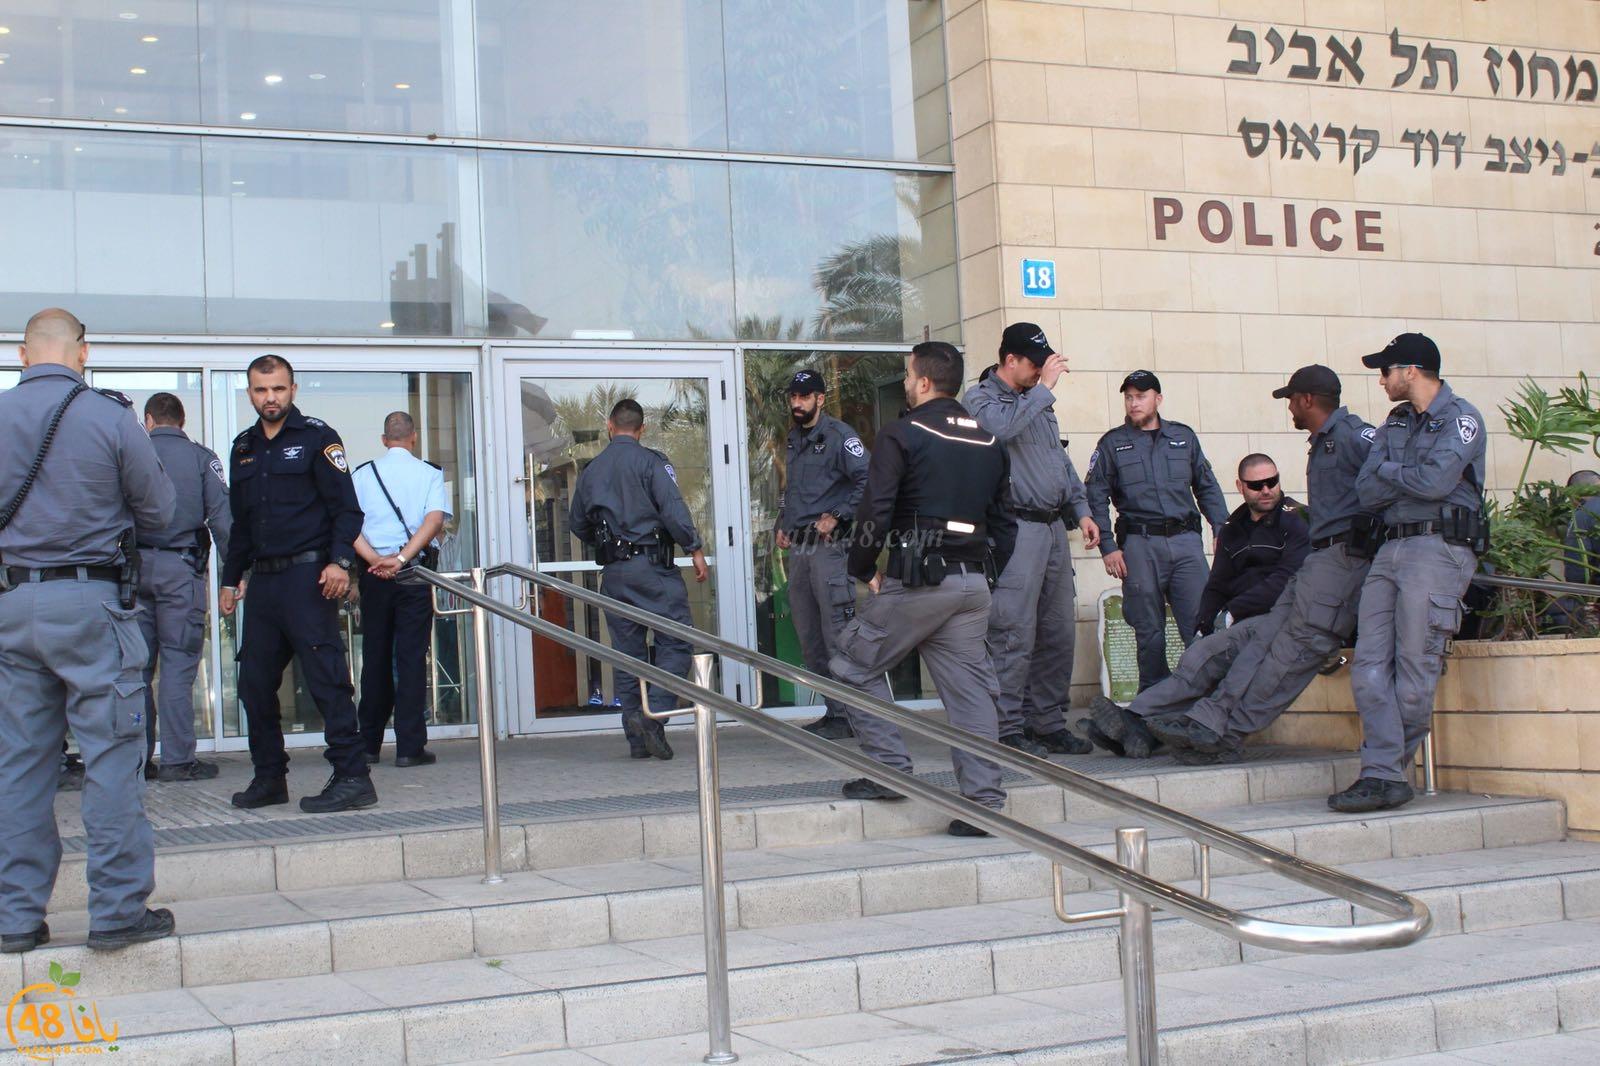 يافا: الشرطة تُطلق سراح 5 معتقلين وتبقي على 3 آخرين من ضمنهم رئيس الهيئة